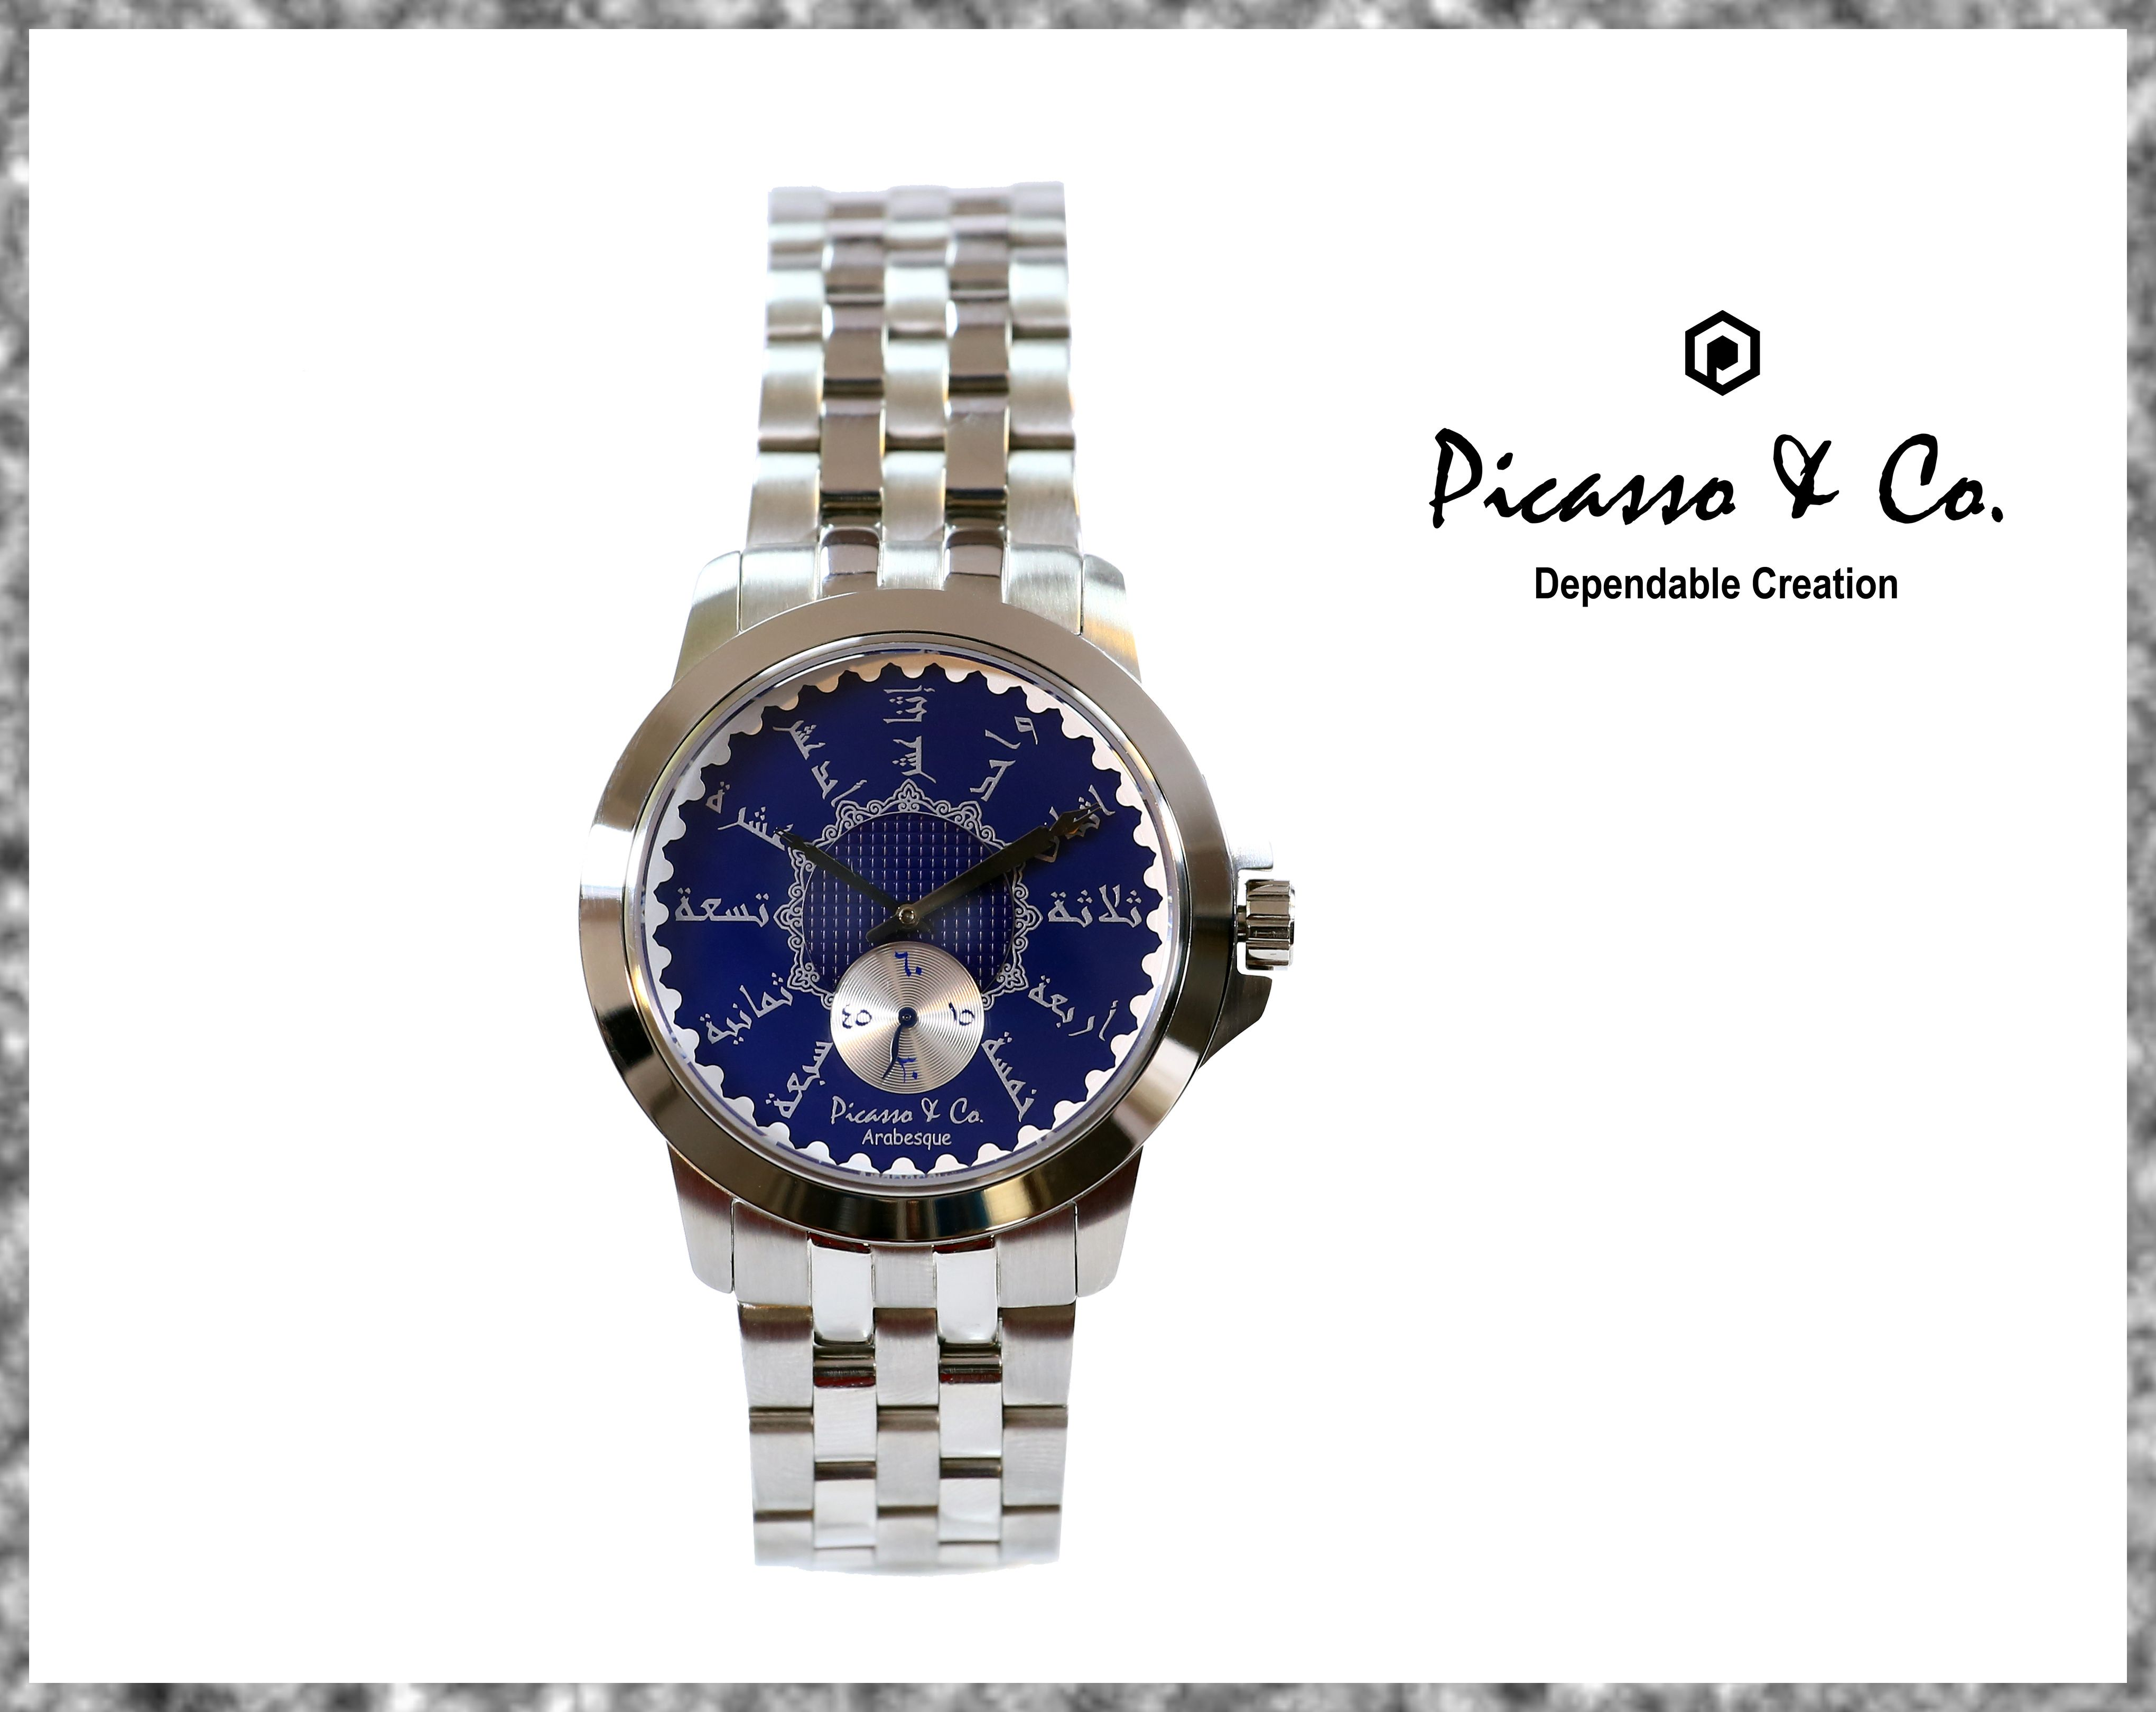 التصميم الكلاسيكي المميز ساعة ستيل بلون فضي وميناء كحلي واحرف عربية بالاضافة لجودة التصنيع تكفي لجعل ساعات بيكاسو ان Bracelet Watch Two Tone Watch Accessories